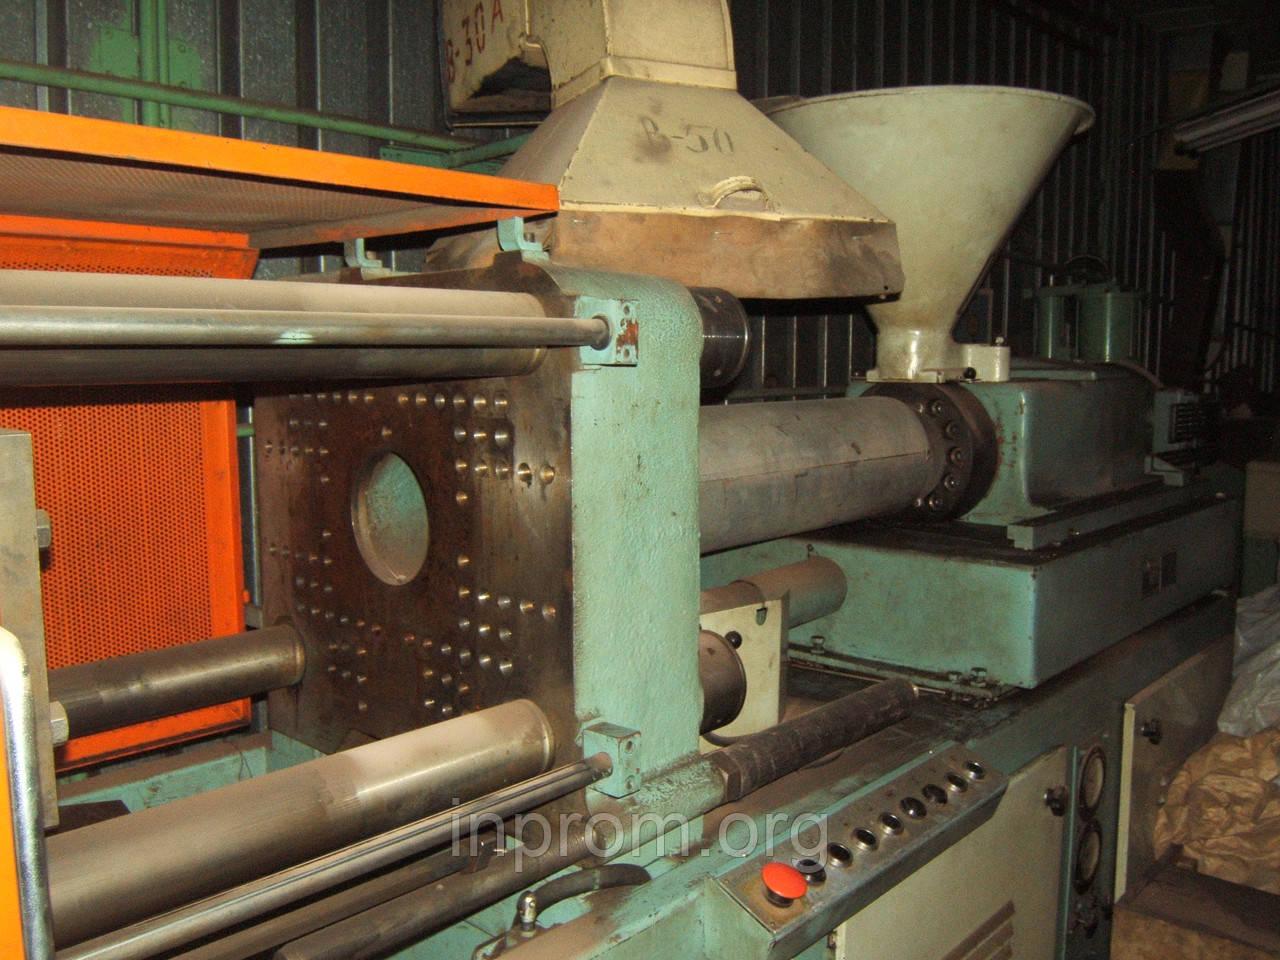 Термопластавтомат  CS 371/160, рабочий, Чехословакия